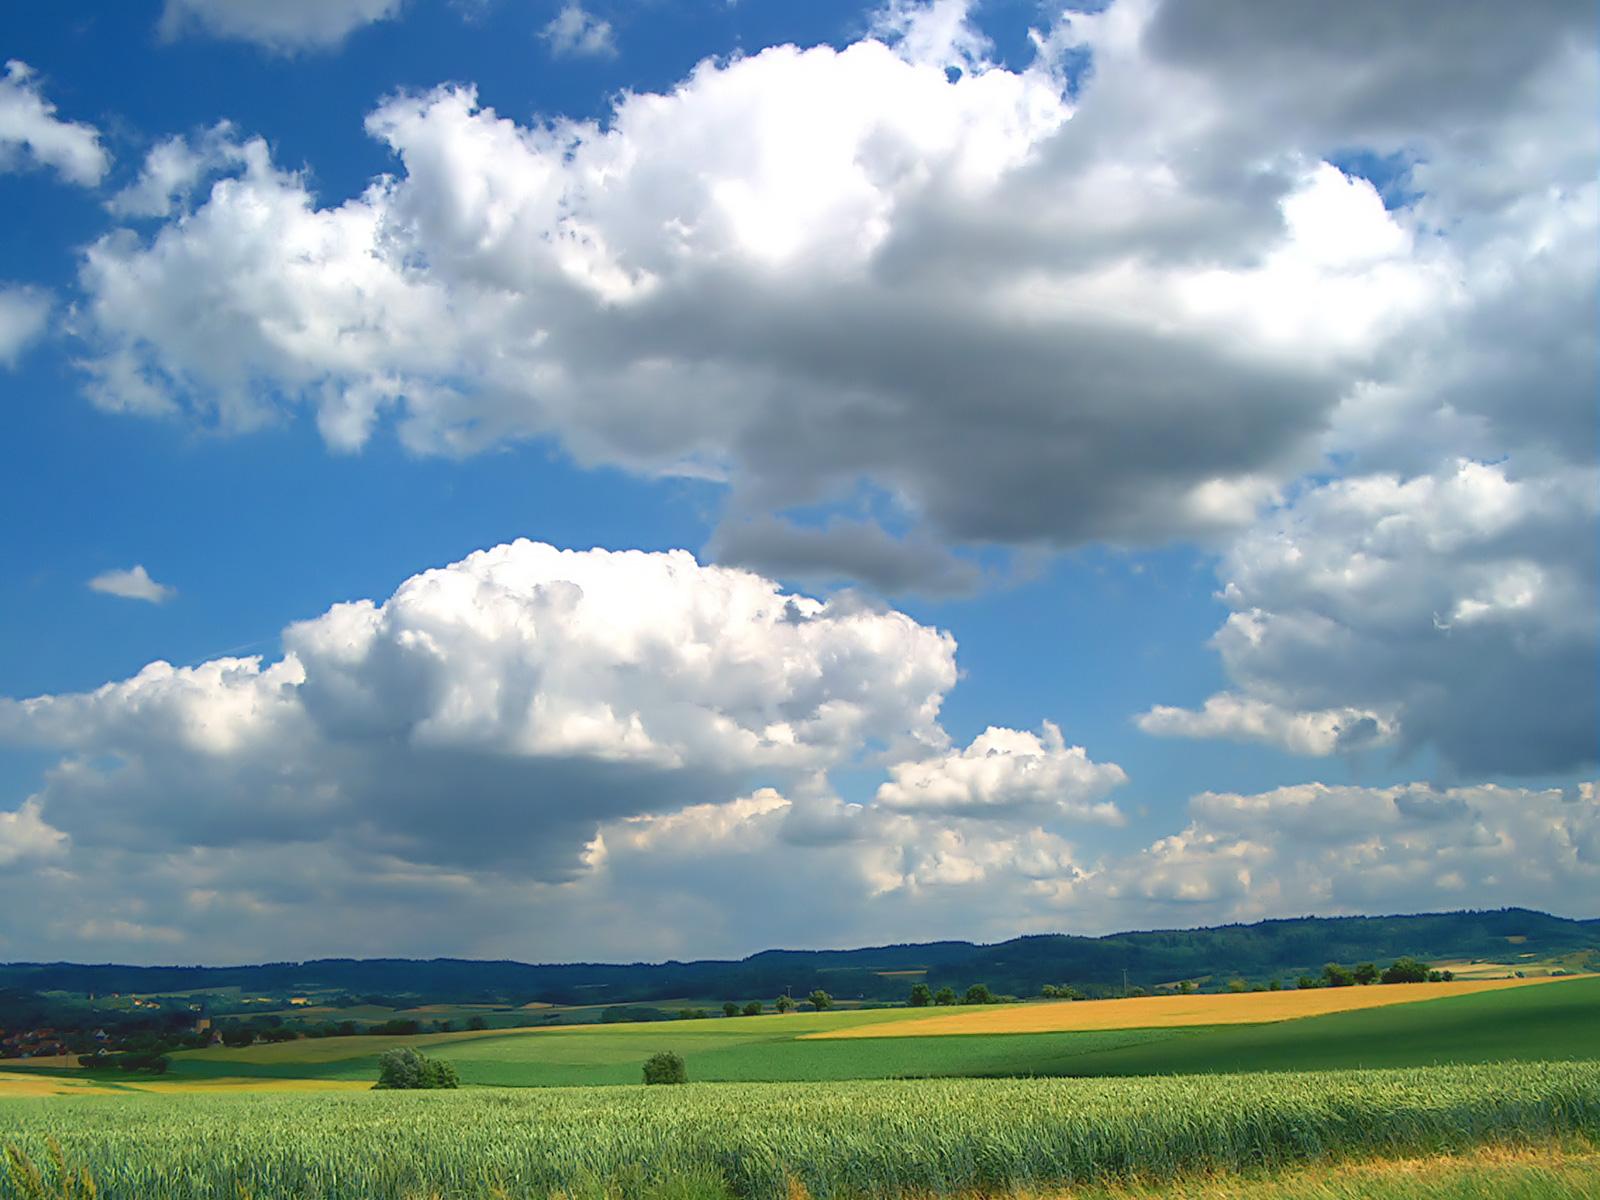 sky cloud wallpapers hd 21   The WeeklingsThe Weeklings 1600x1200